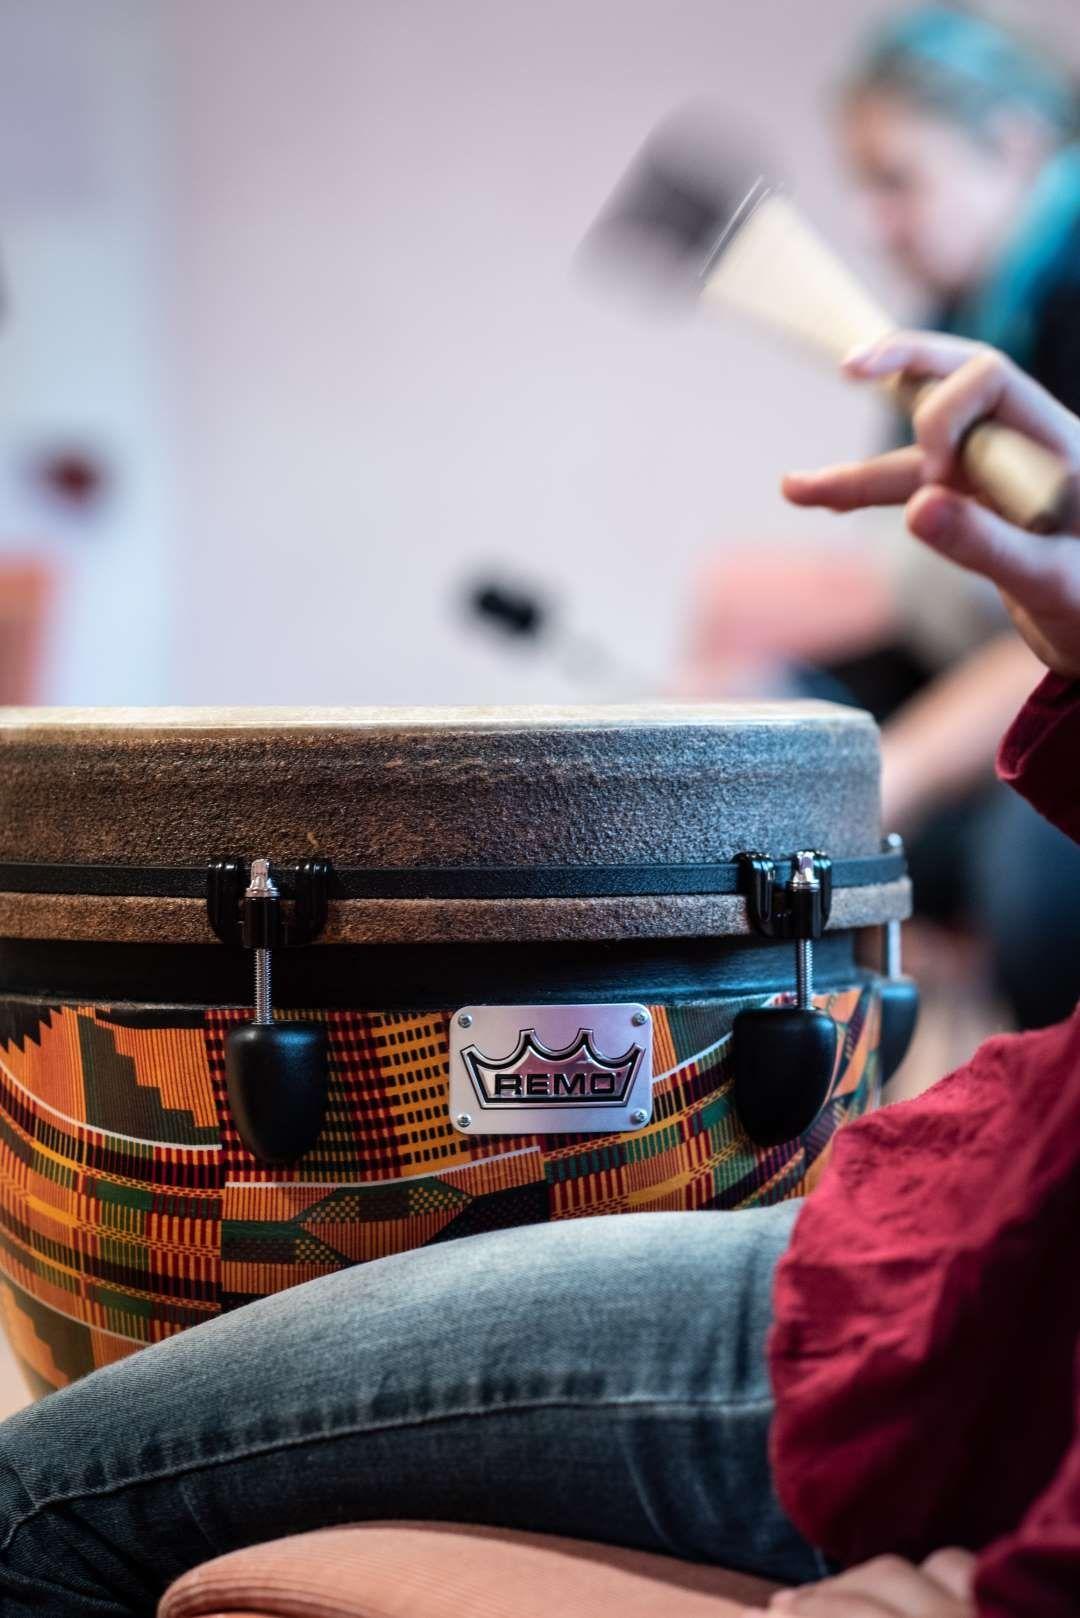 Die Djembe - diese Trommel ist immer wieder beliebt bei großen und kleinen Teilnehmern (Foto: Astrid Doerenbruch)